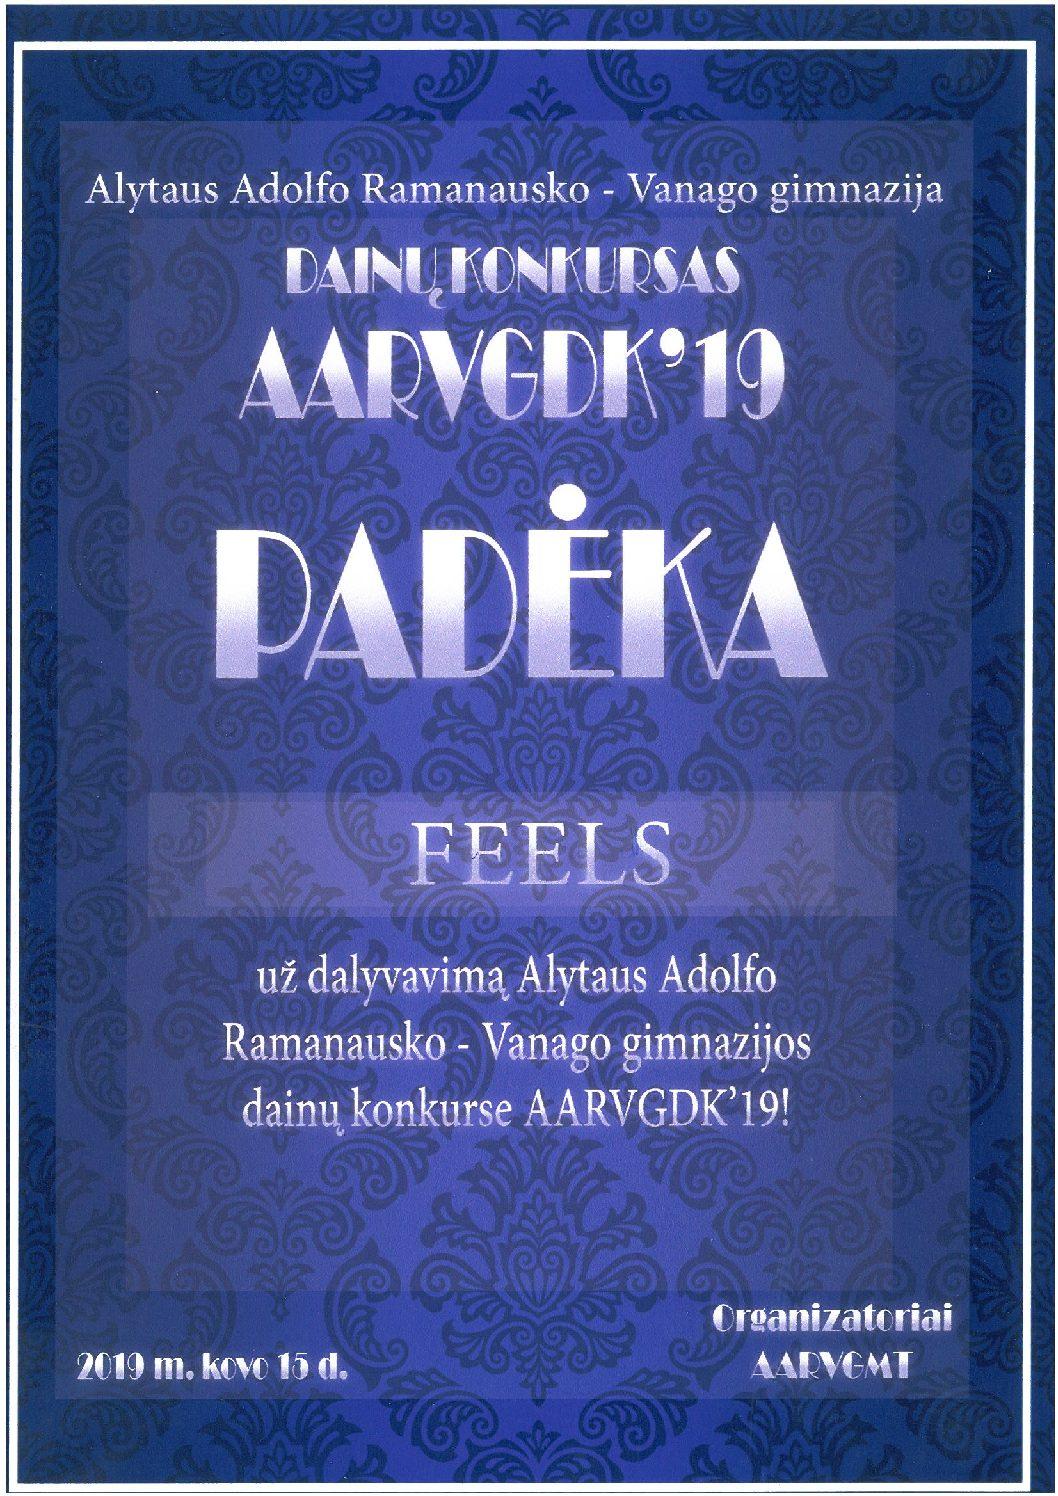 """Alytaus jaunimo centro lengvosios muzikos grupė """"Feels"""" konkurse """"AARVGDK"""" užėmė III vietą."""